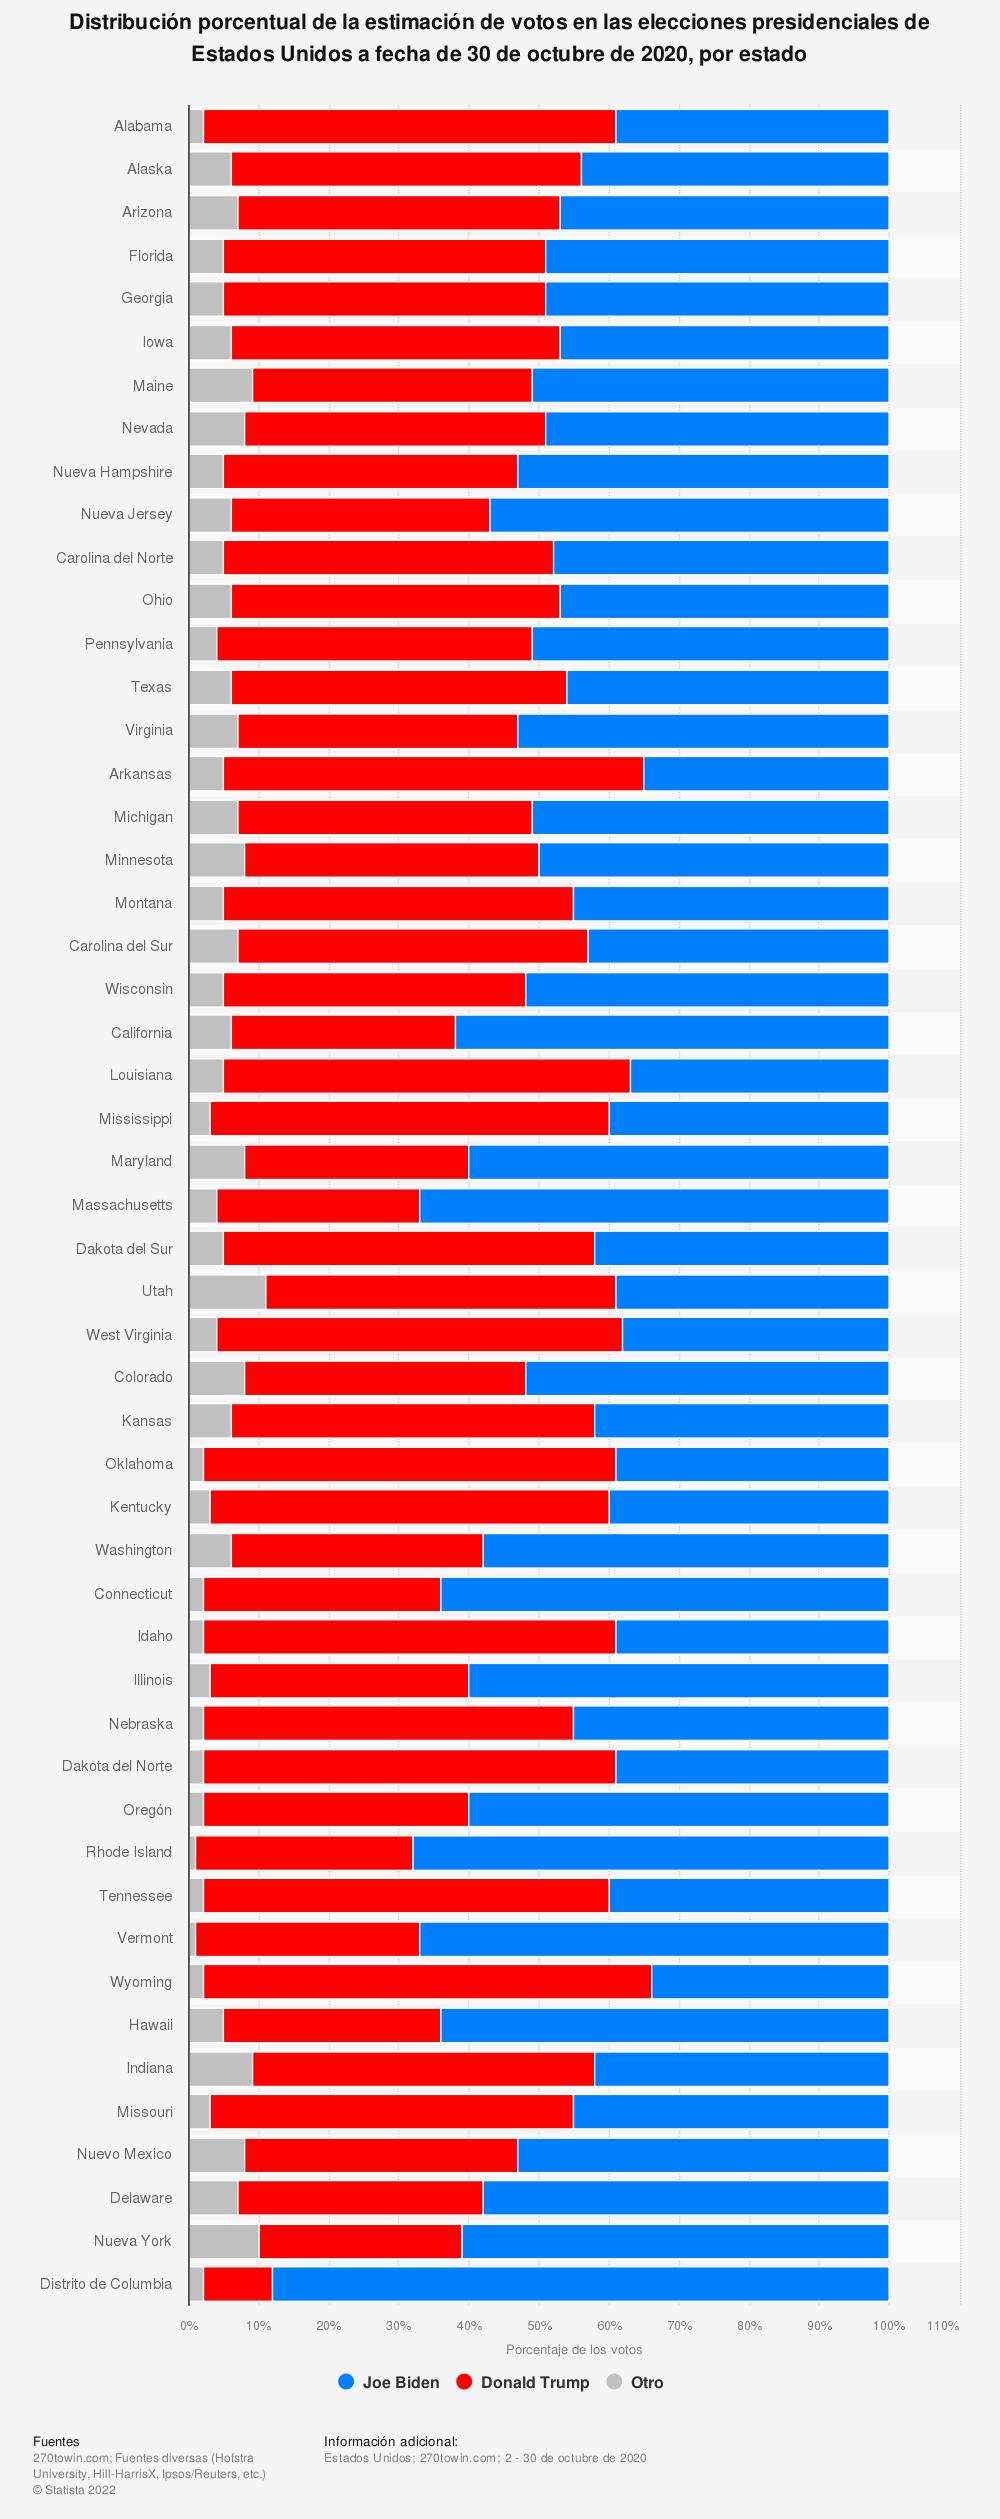 Estadística: Distribución porcentual de la estimación de votos en las elecciones presidenciales de Estados Unidos a fecha de 30 de octubre de 2020, por estado   Statista